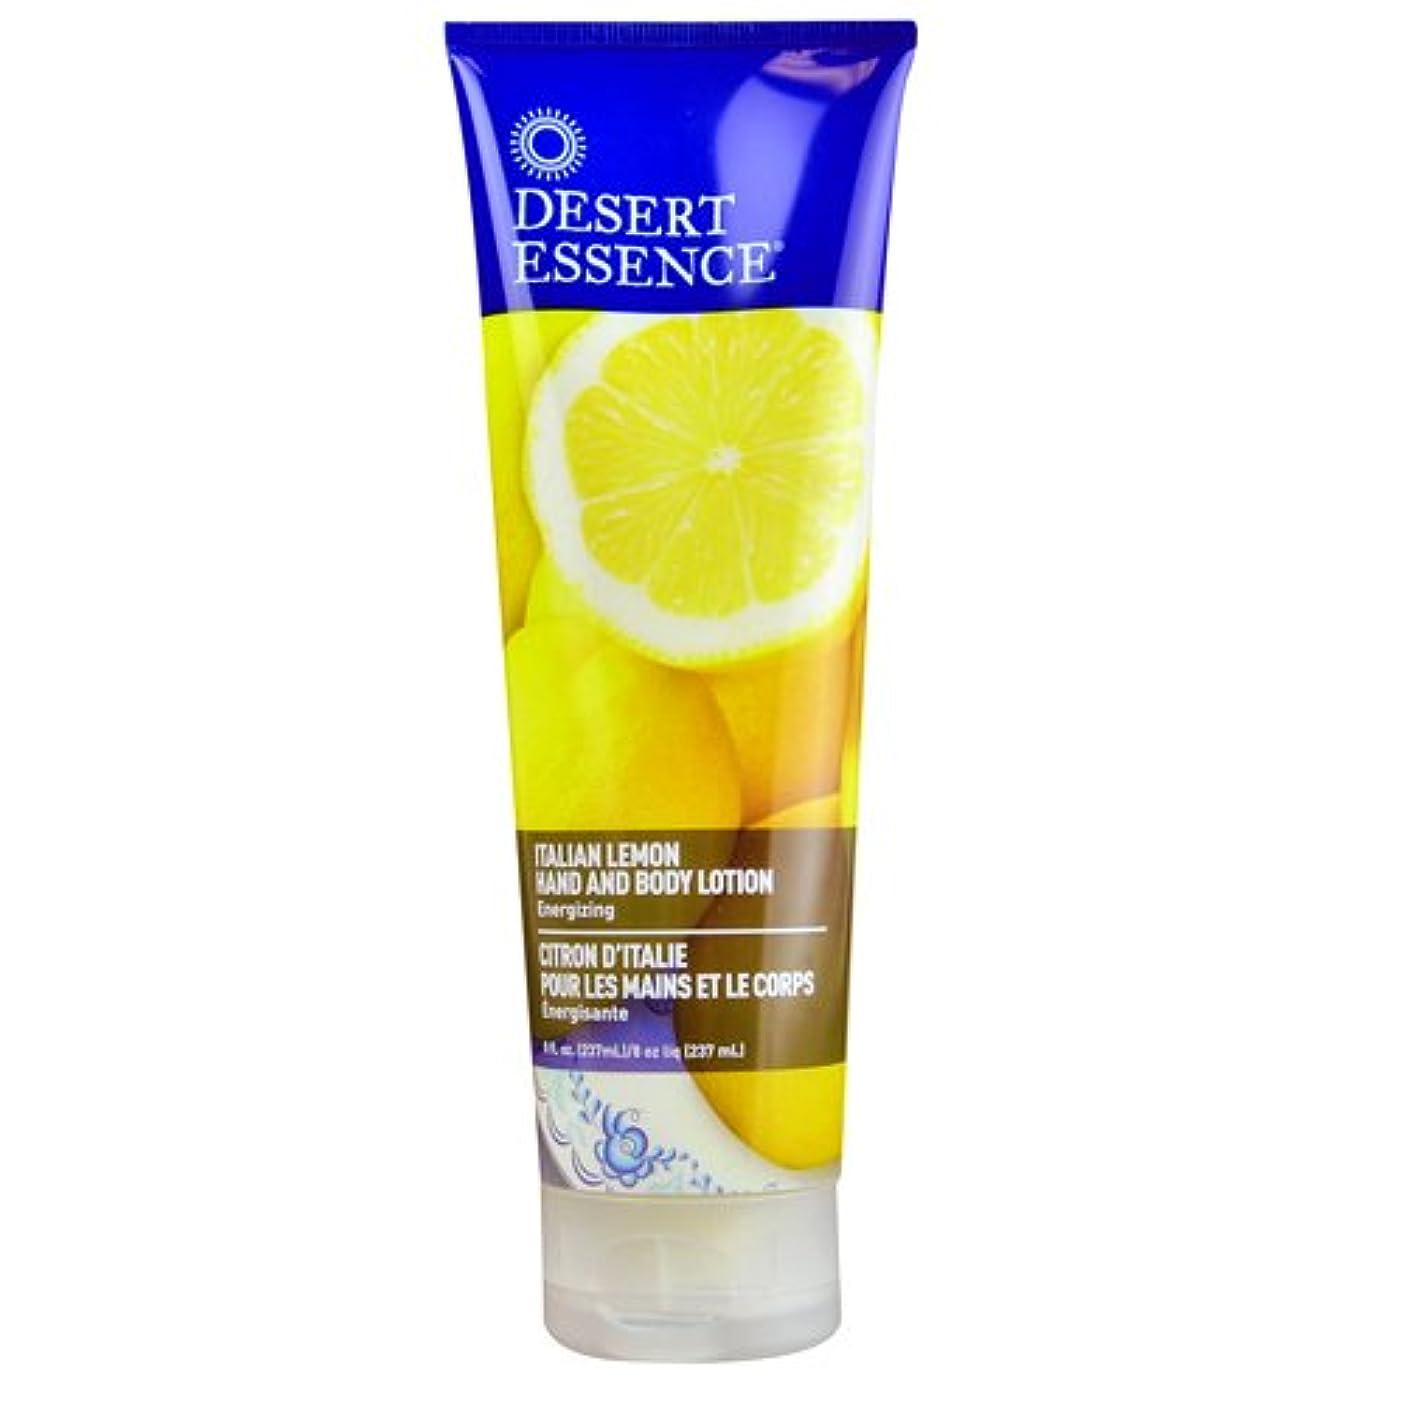 鼻クロニクル卑しいDesert Essence, Hand and Body Lotion, Italian Lemon, 8 fl oz (237 ml)